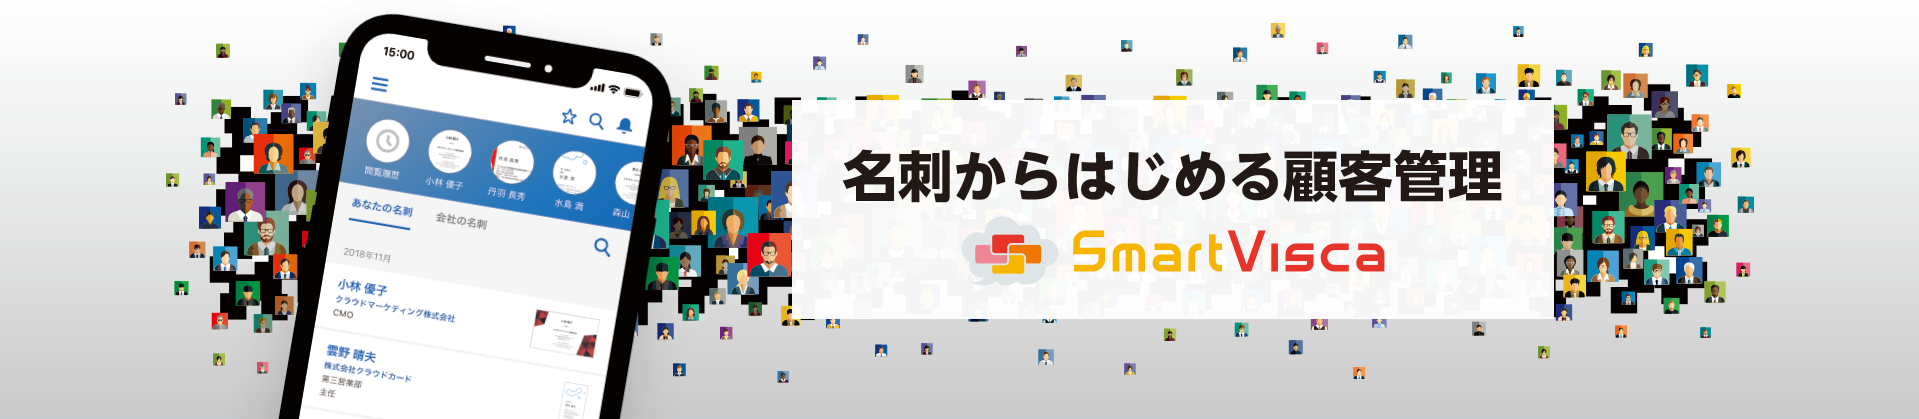 名刺からはじめるSalesforceの顧客管理 ― SmartVisca名刺活用相談会